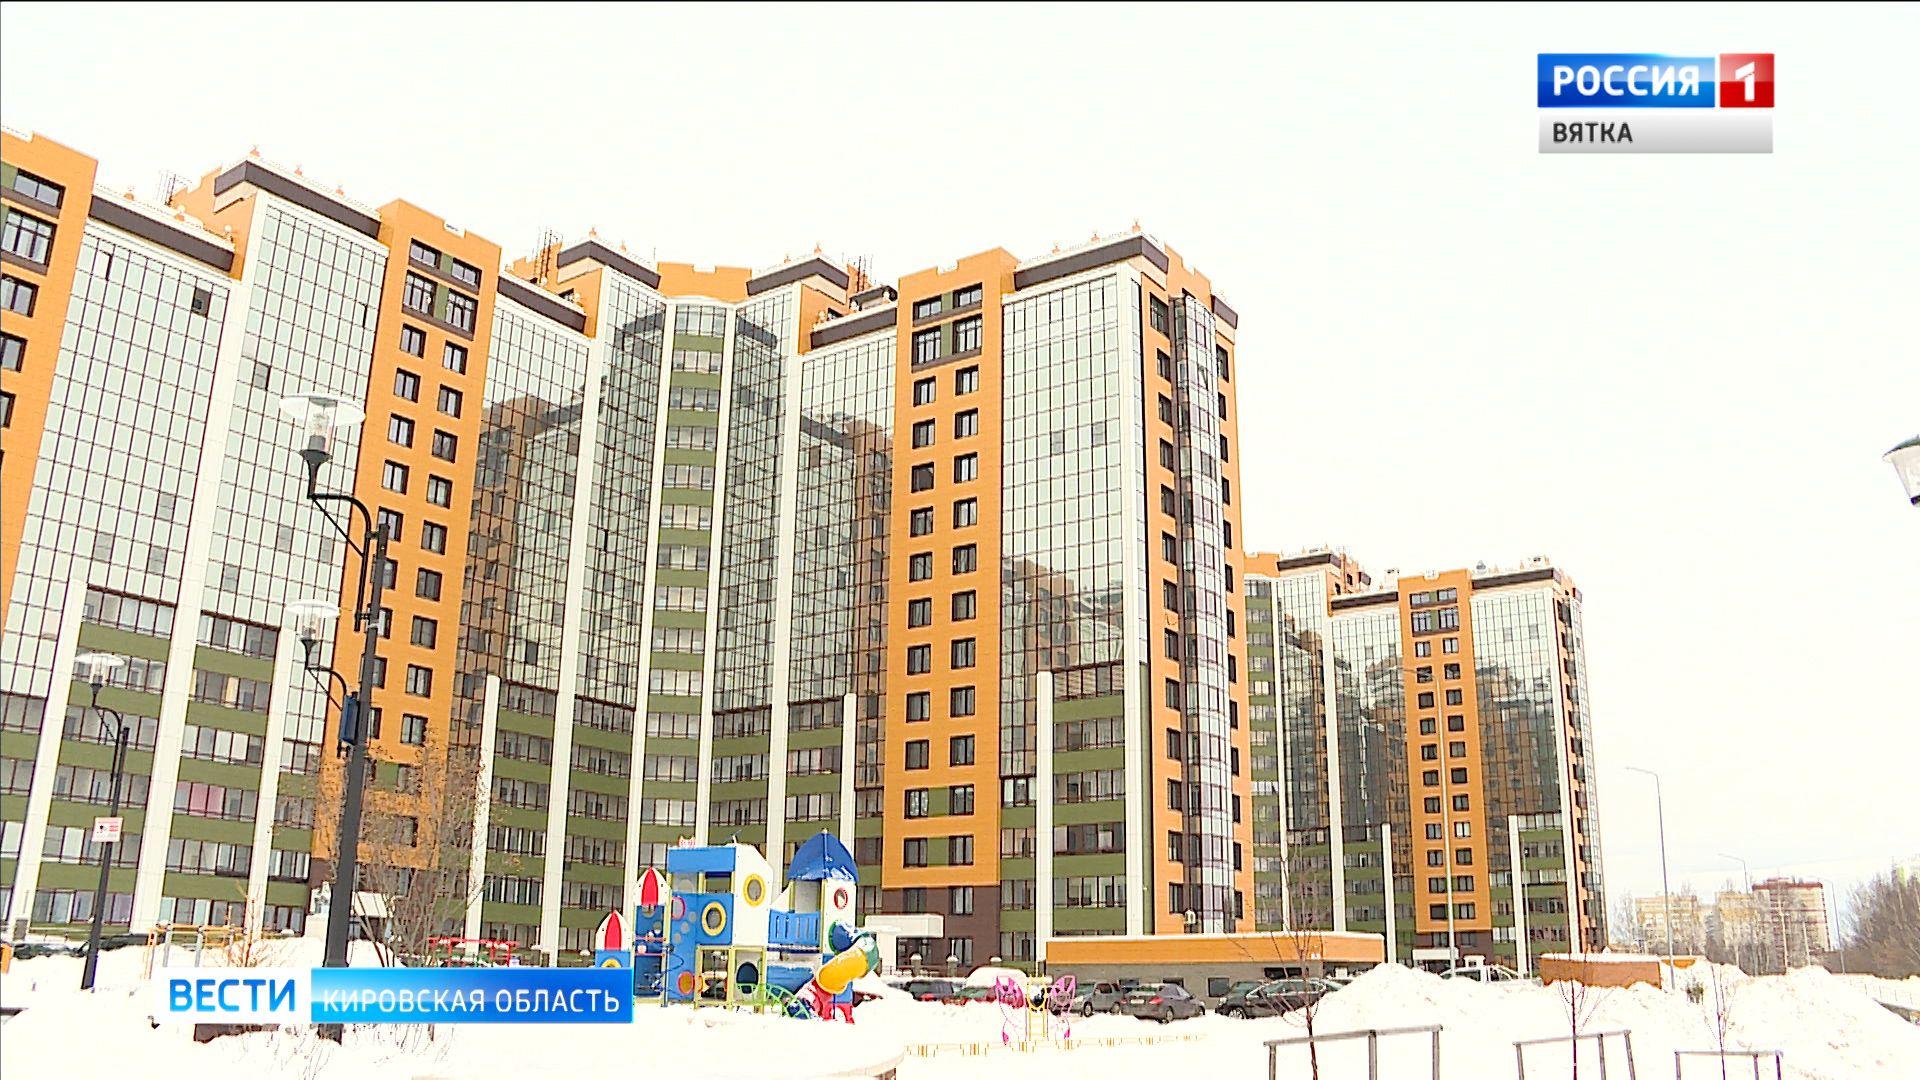 В южных микрорайонах Кирова активно возводят жилые многоквартирные дома